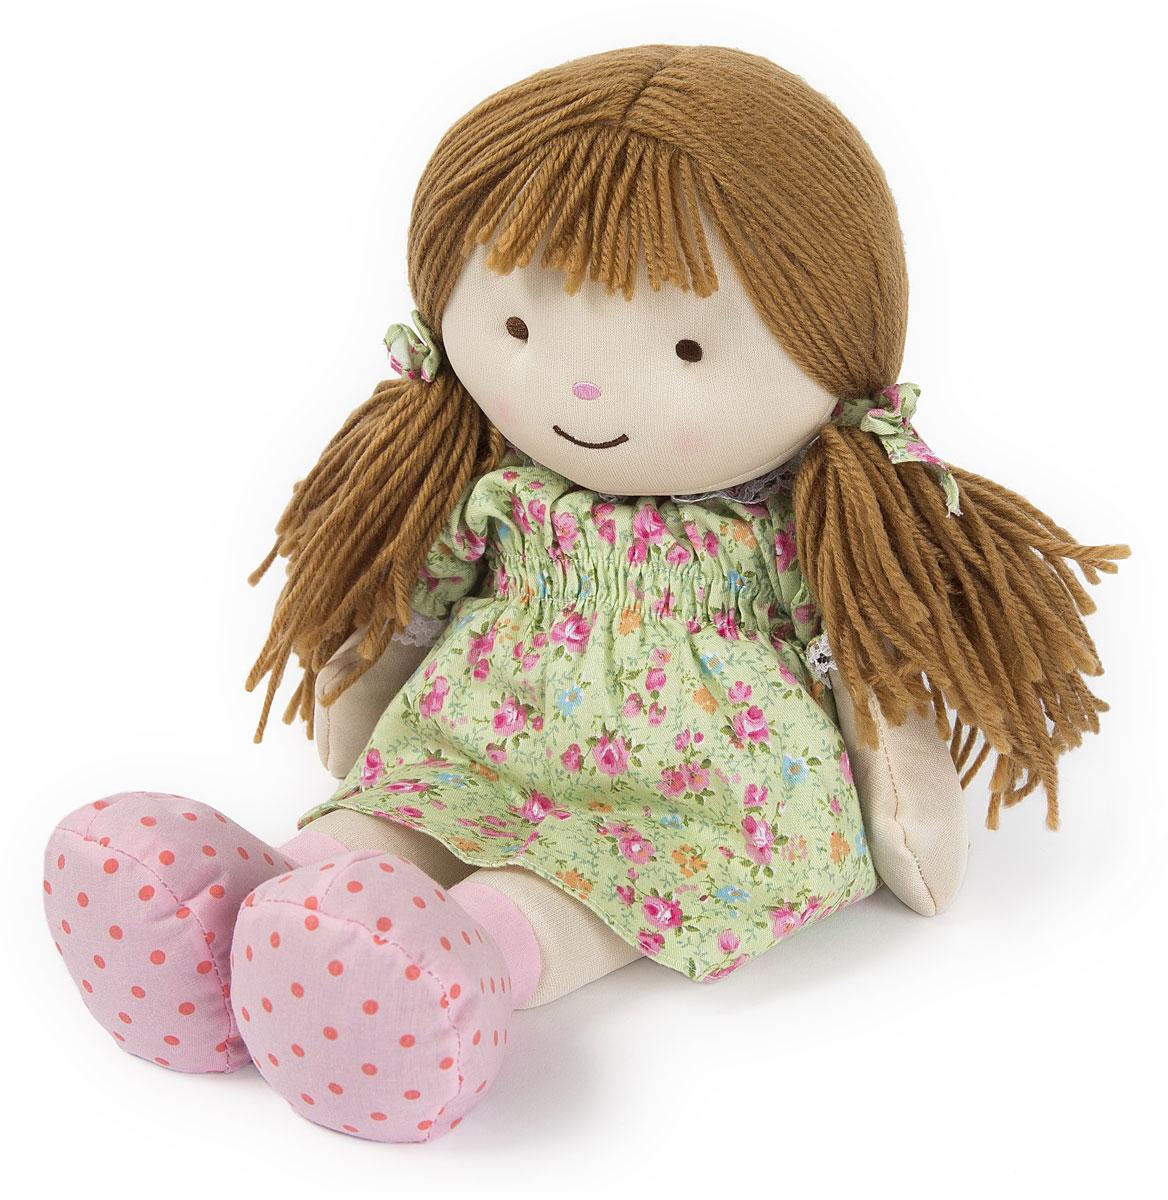 Warmies Мягкая игрушка-грелка Кукла Элли warmies warmies игрушка грелка warmhearts кукла элли